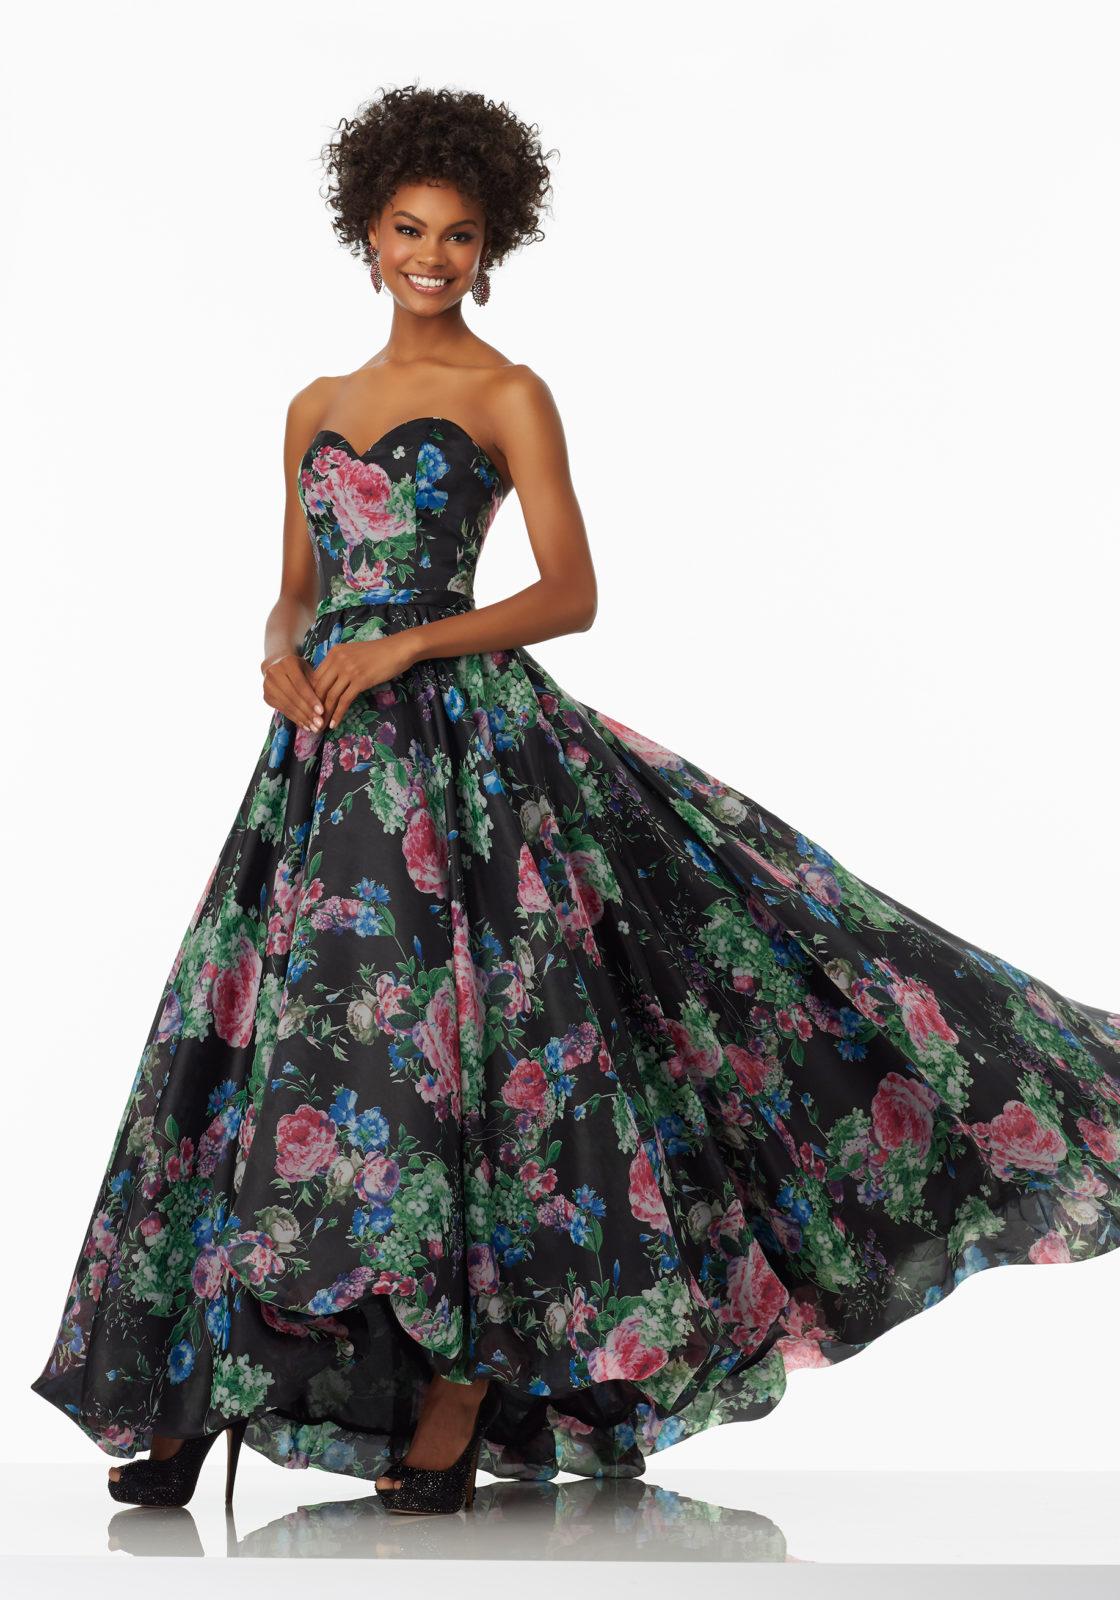 Vestido con grandes estampados florales